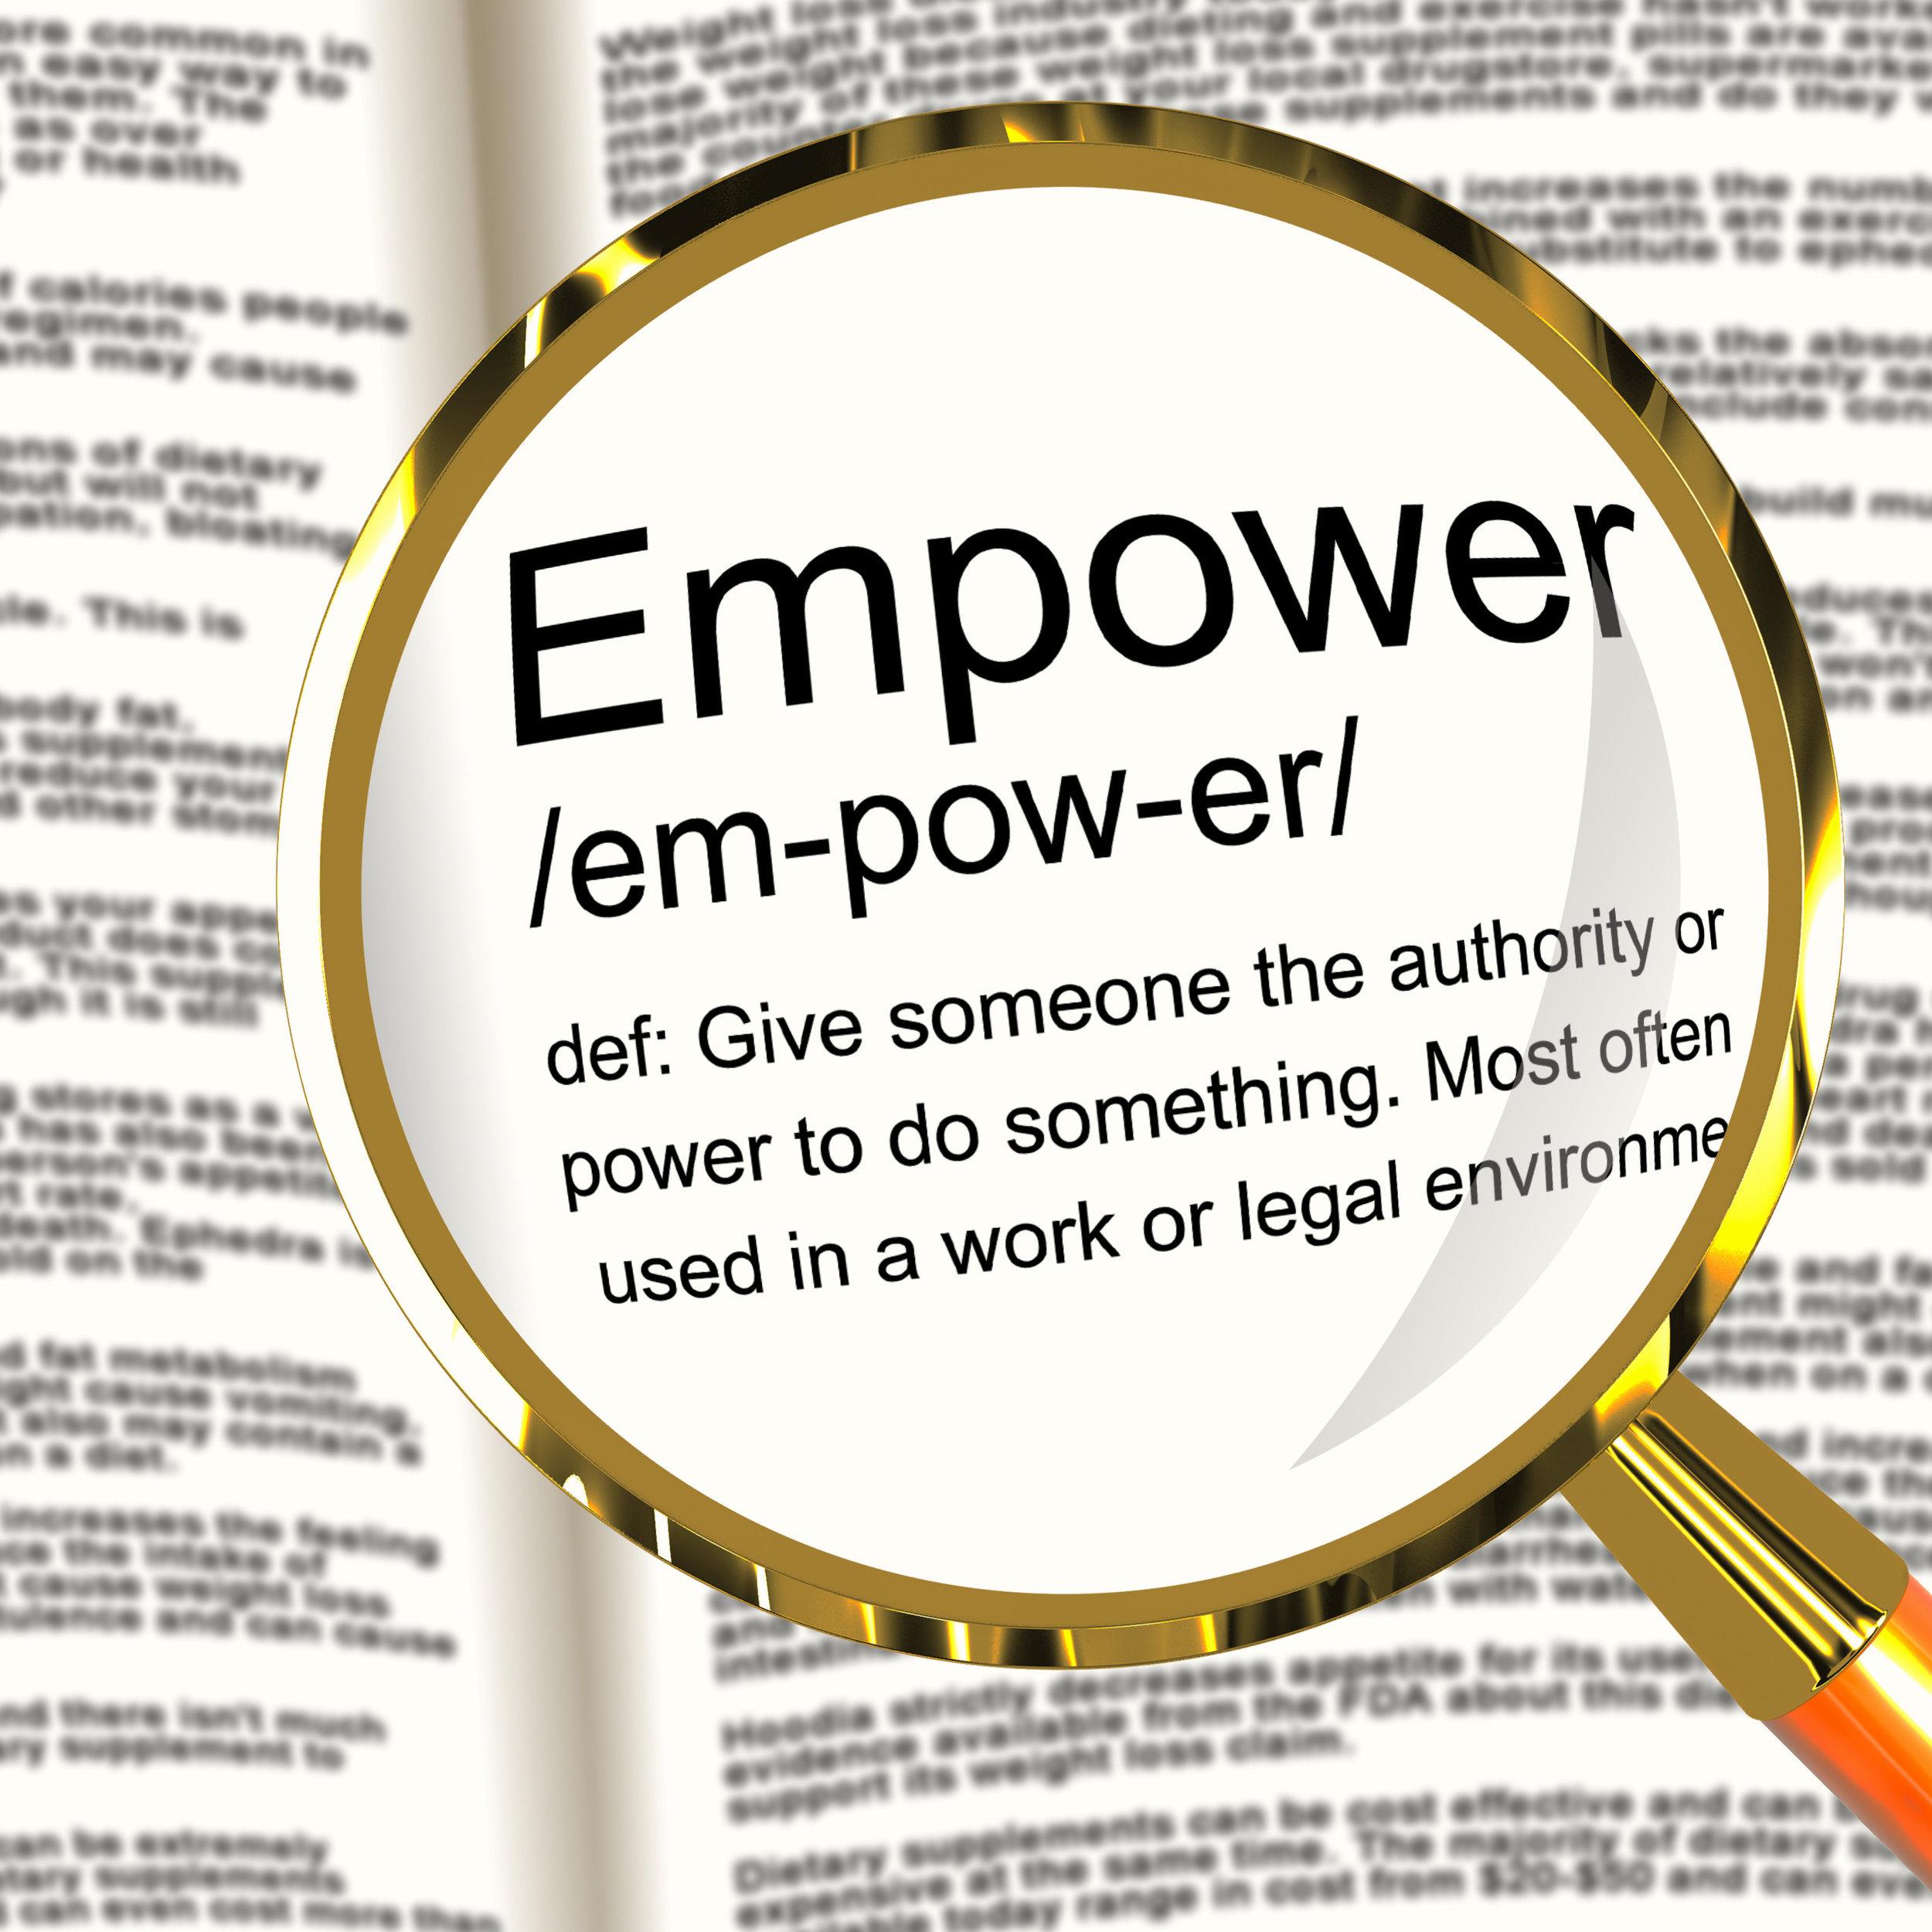 empower2.jpg